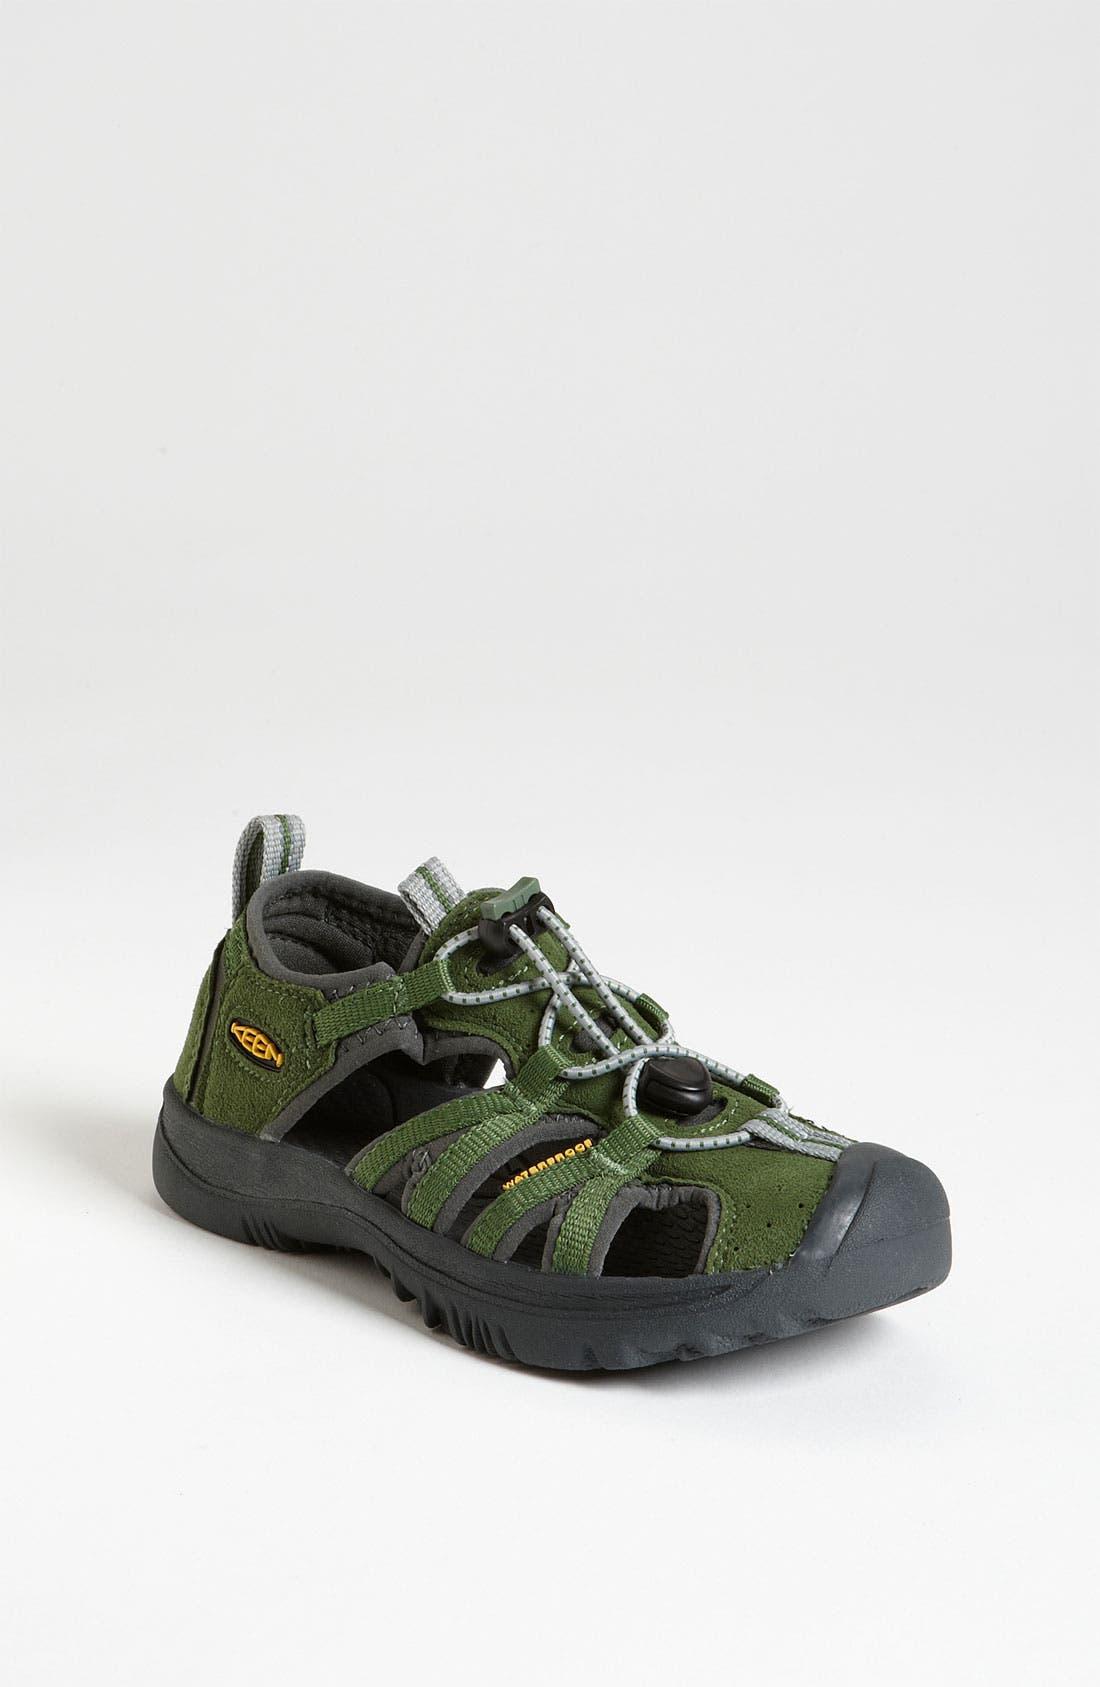 Main Image - Keen 'Kanyon' Sandal (Toddler, Little Kid & Big Kid)